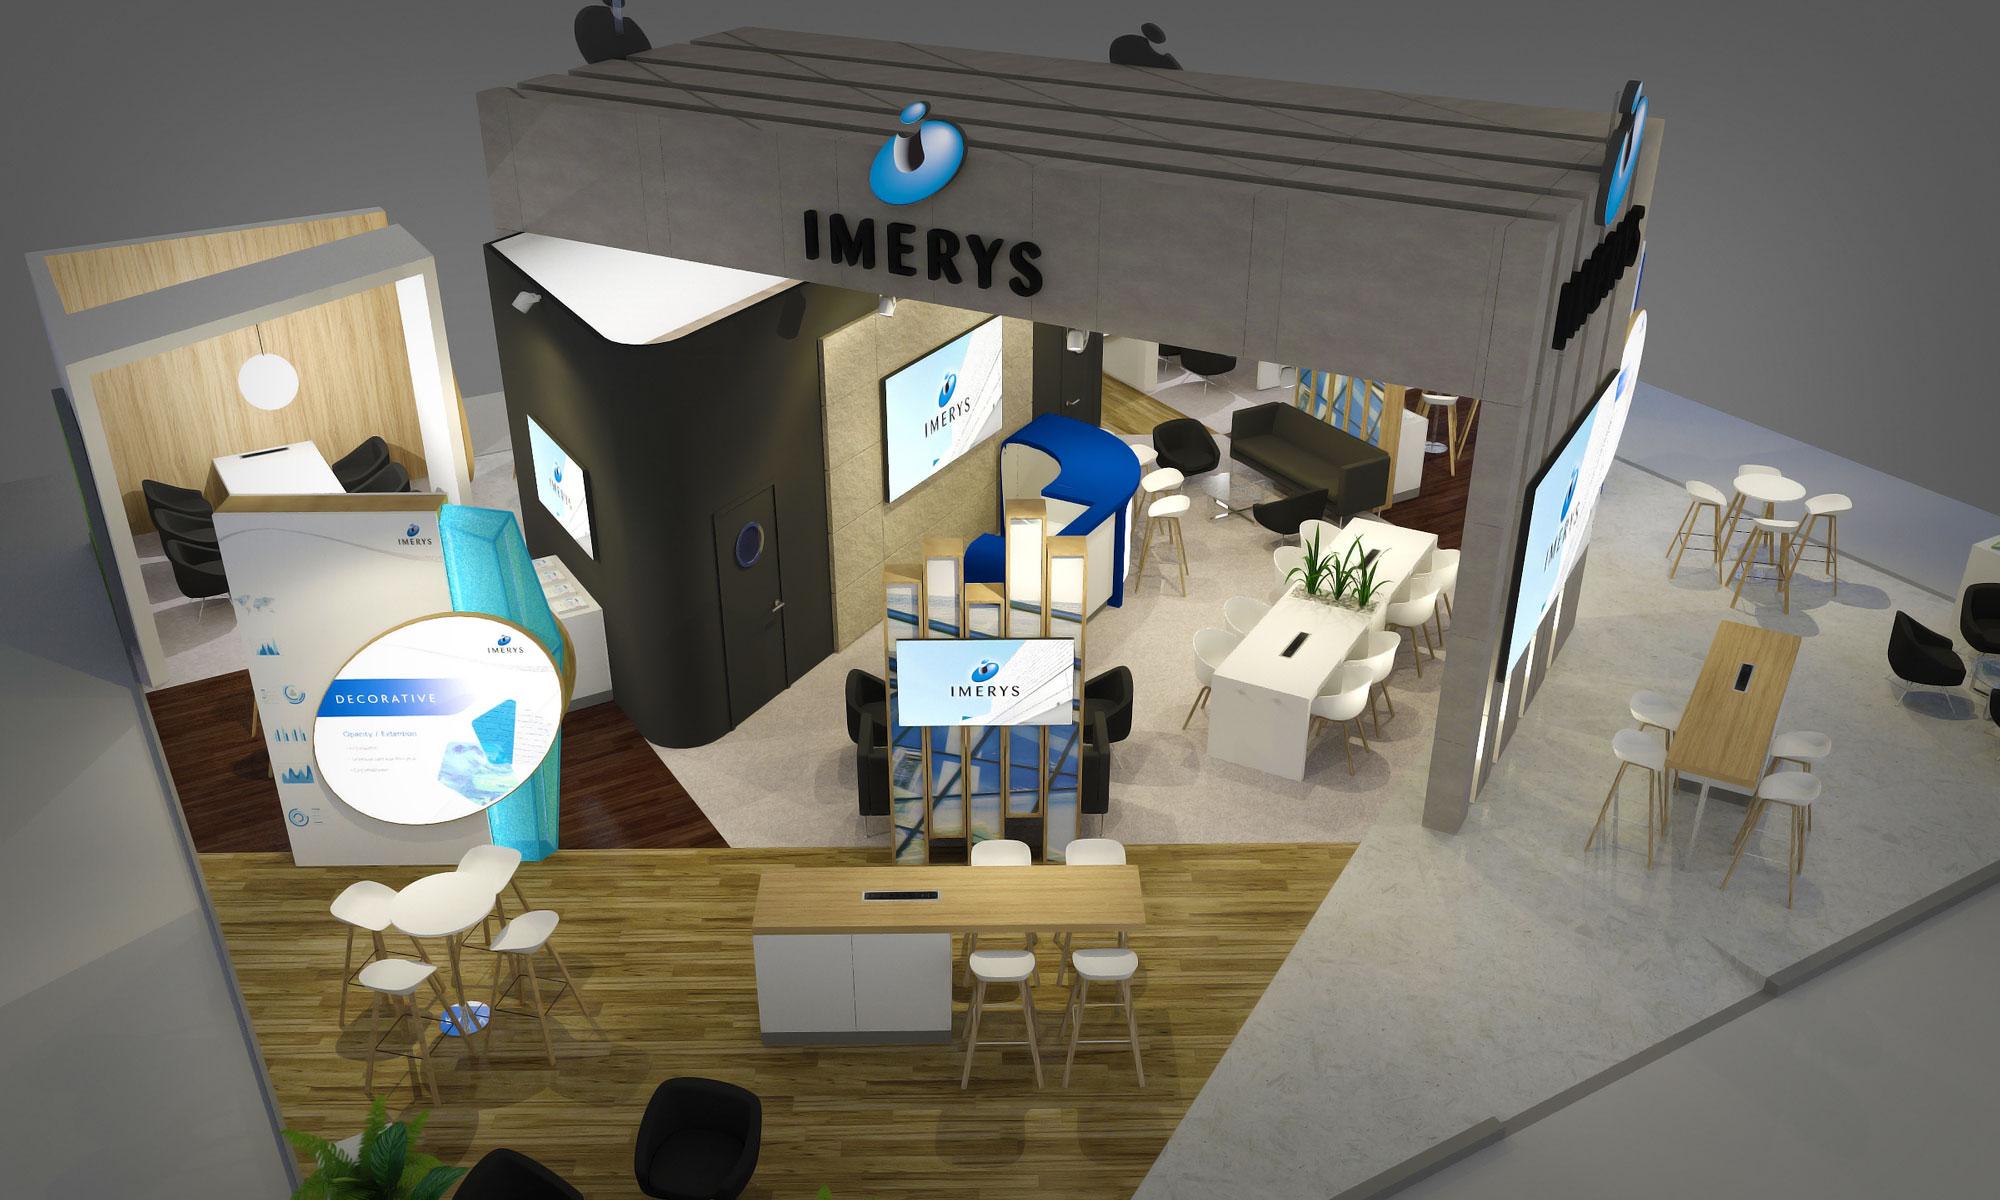 Imerys-ECS-2019-Stand-Design---Concept-C_V2-0005.jpg